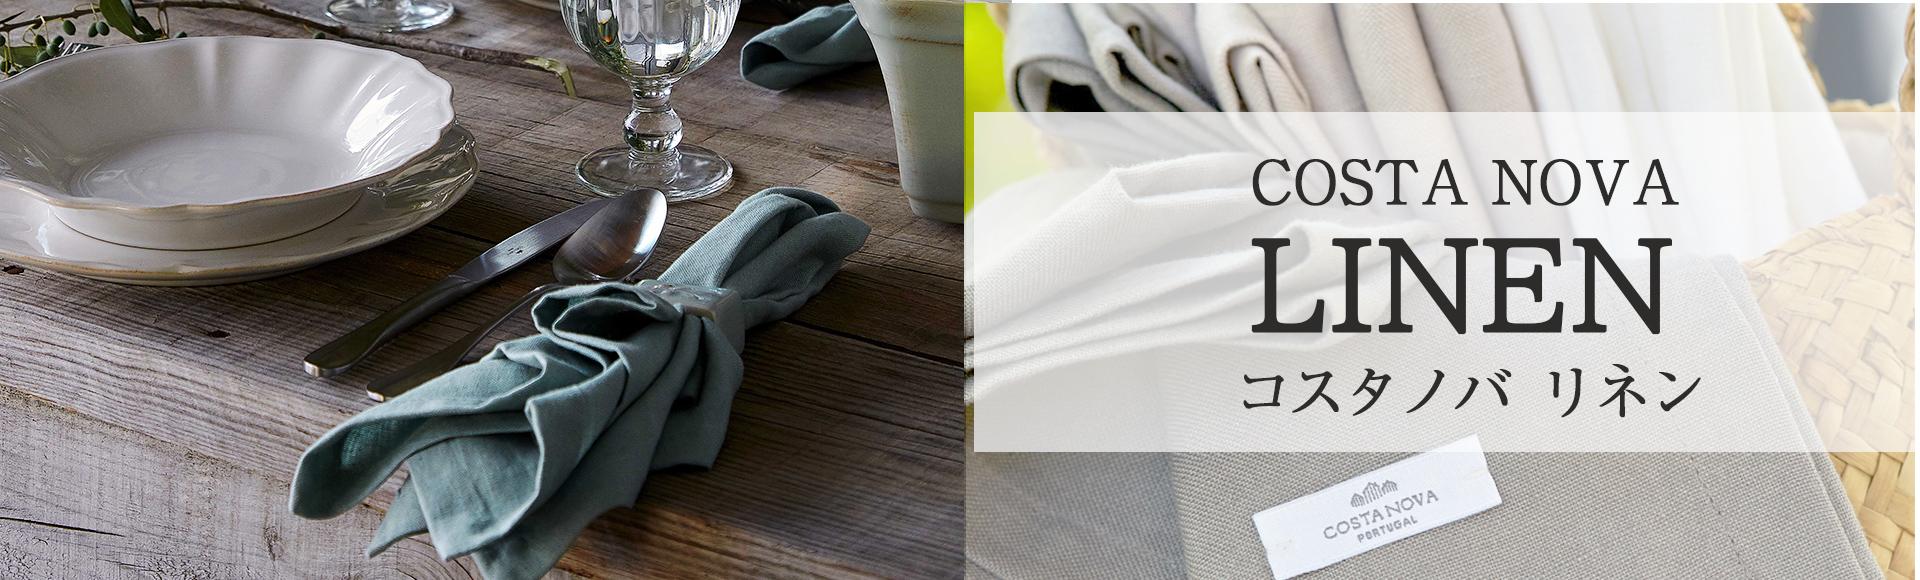 シンプルなデザインと、上品な色で長く重宝するリネン。リネンの光沢にストーンウォッシュ加工がされて、ほどよくユーズドの風合いが加わります。